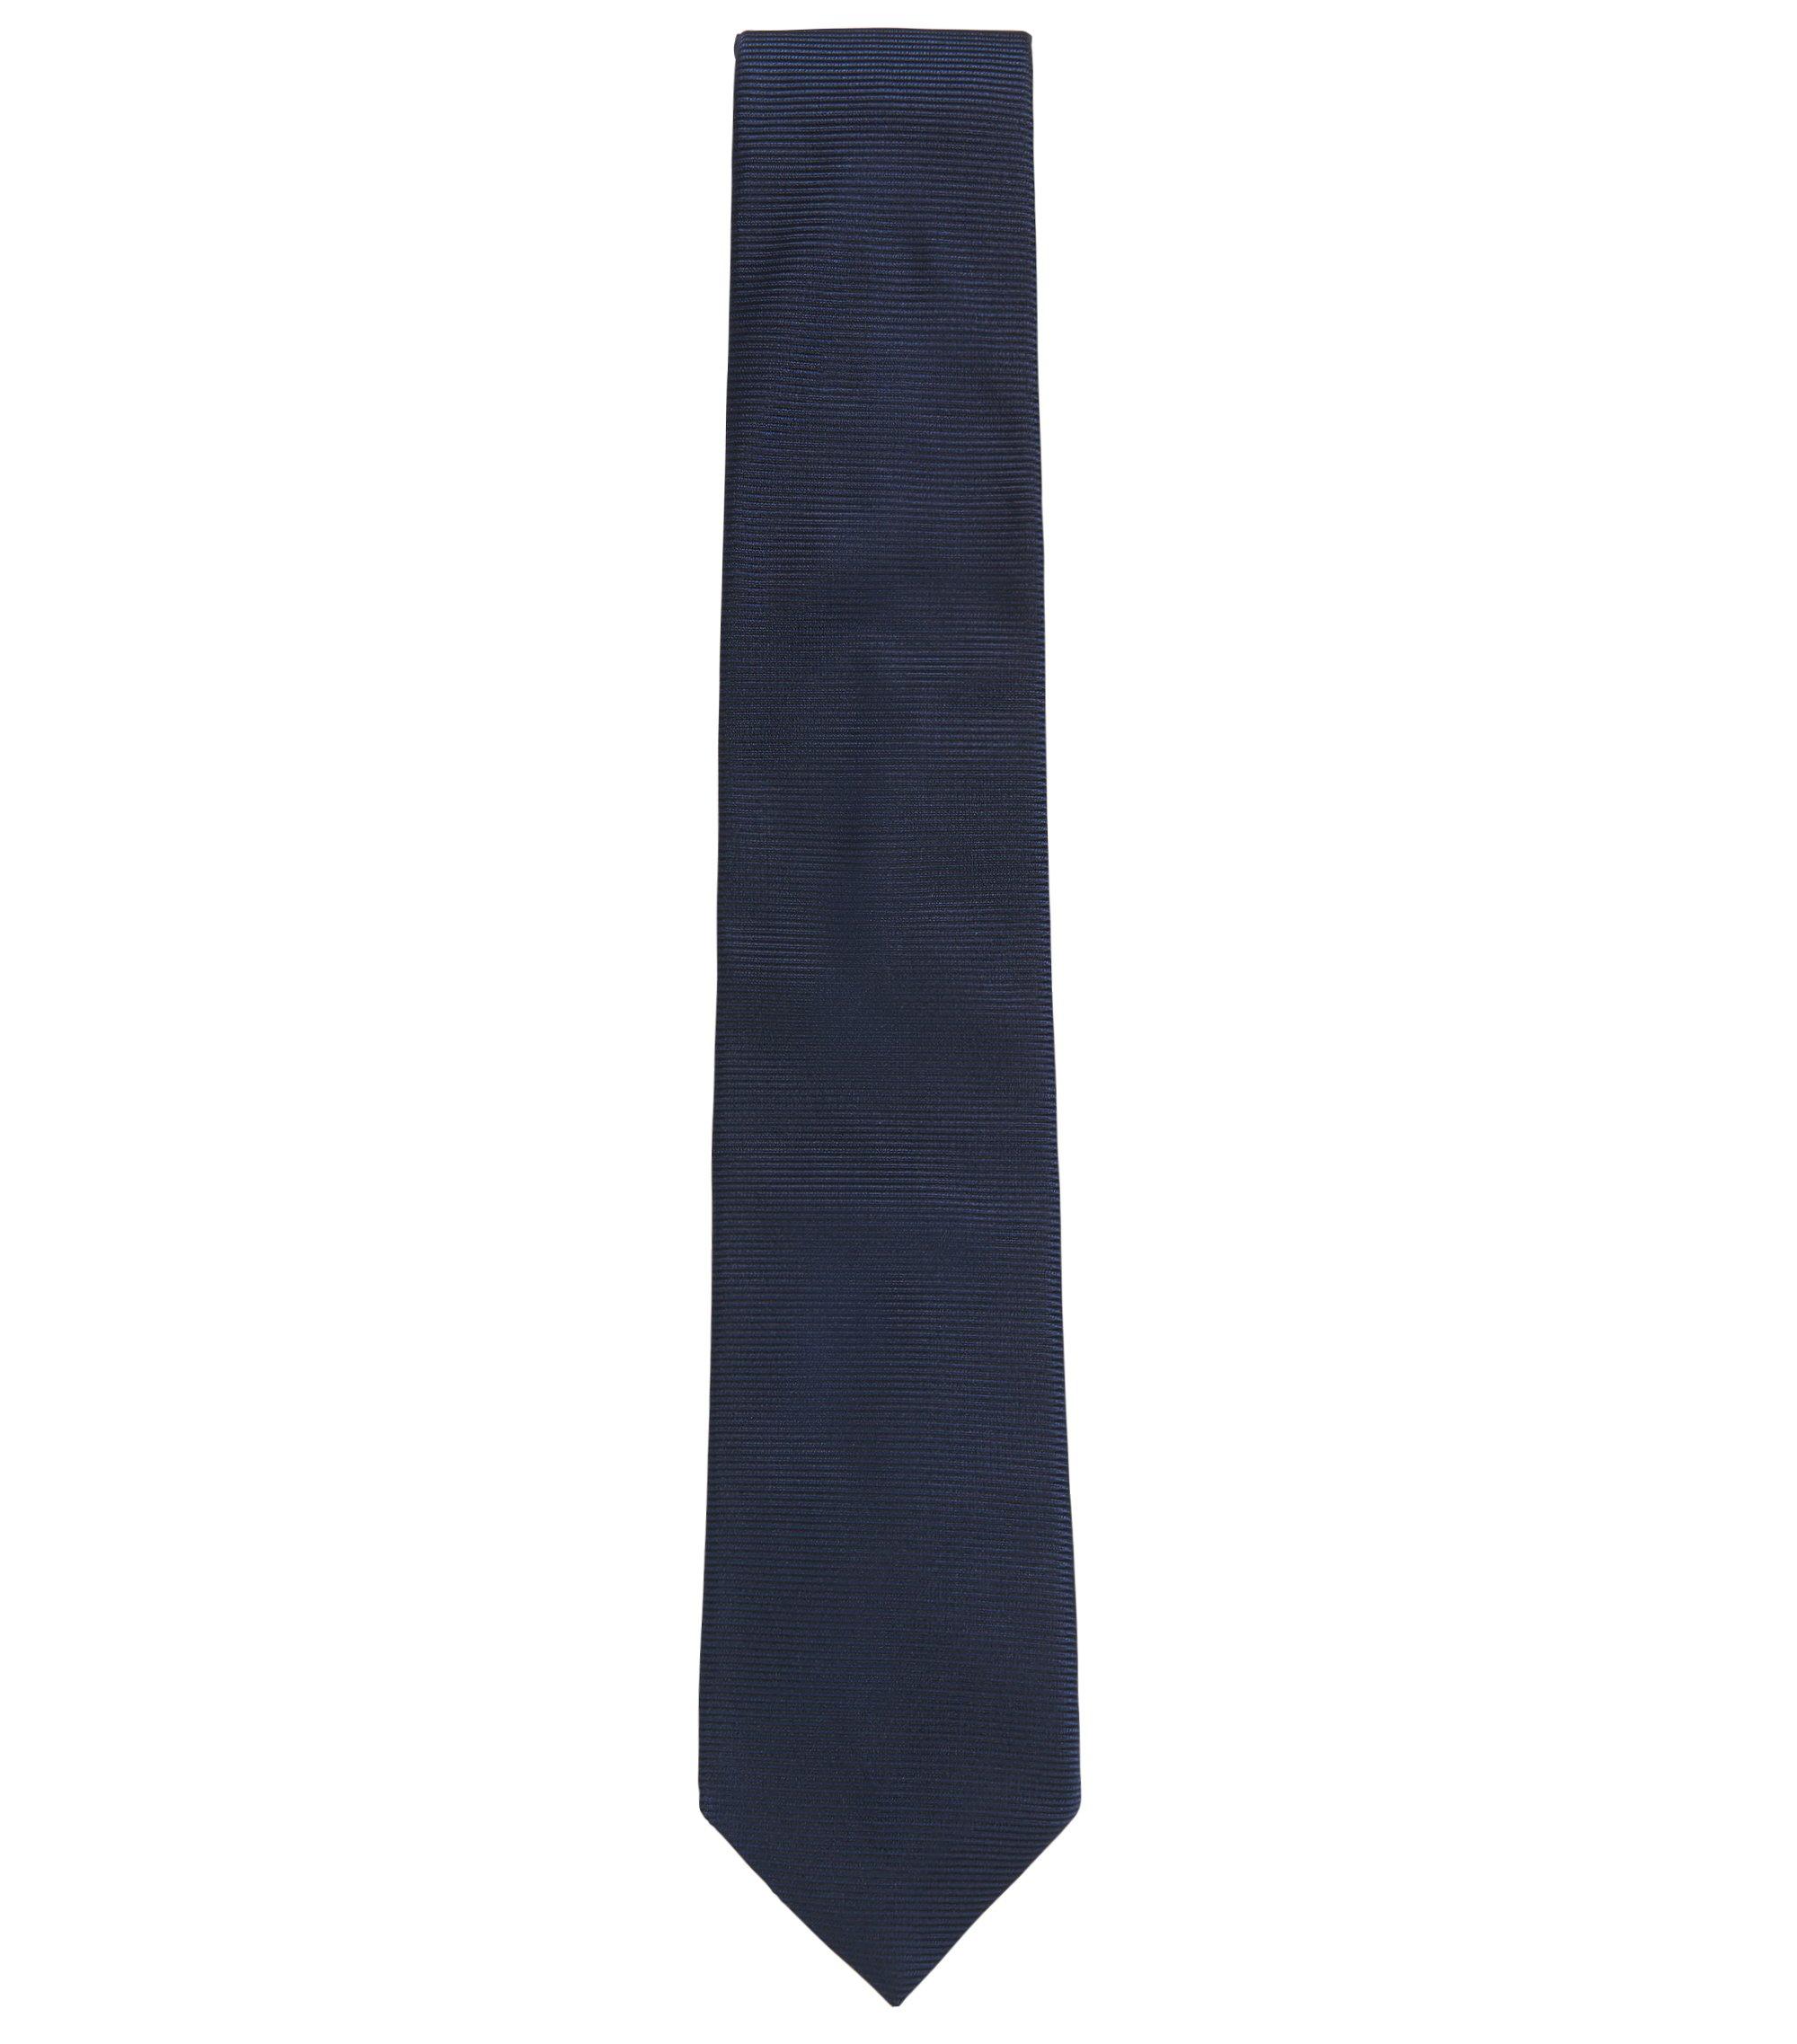 Cravate en jacquard de soie italien, Bleu foncé